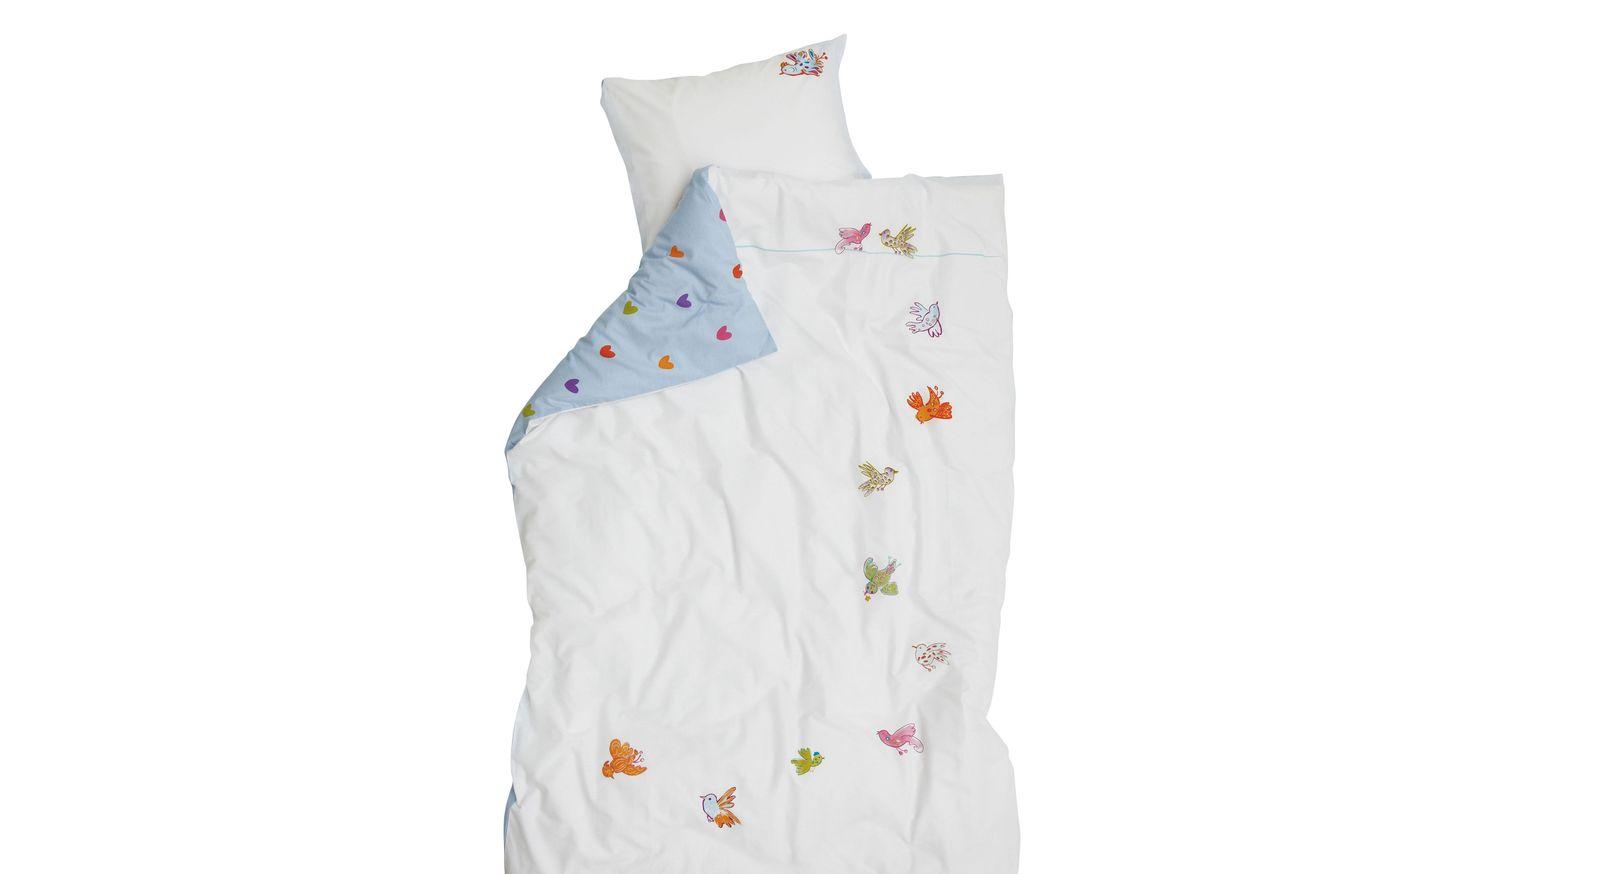 Kinder-Bettwäsche Little Bird von LIFETIME mit frühlingshaftem Motiv